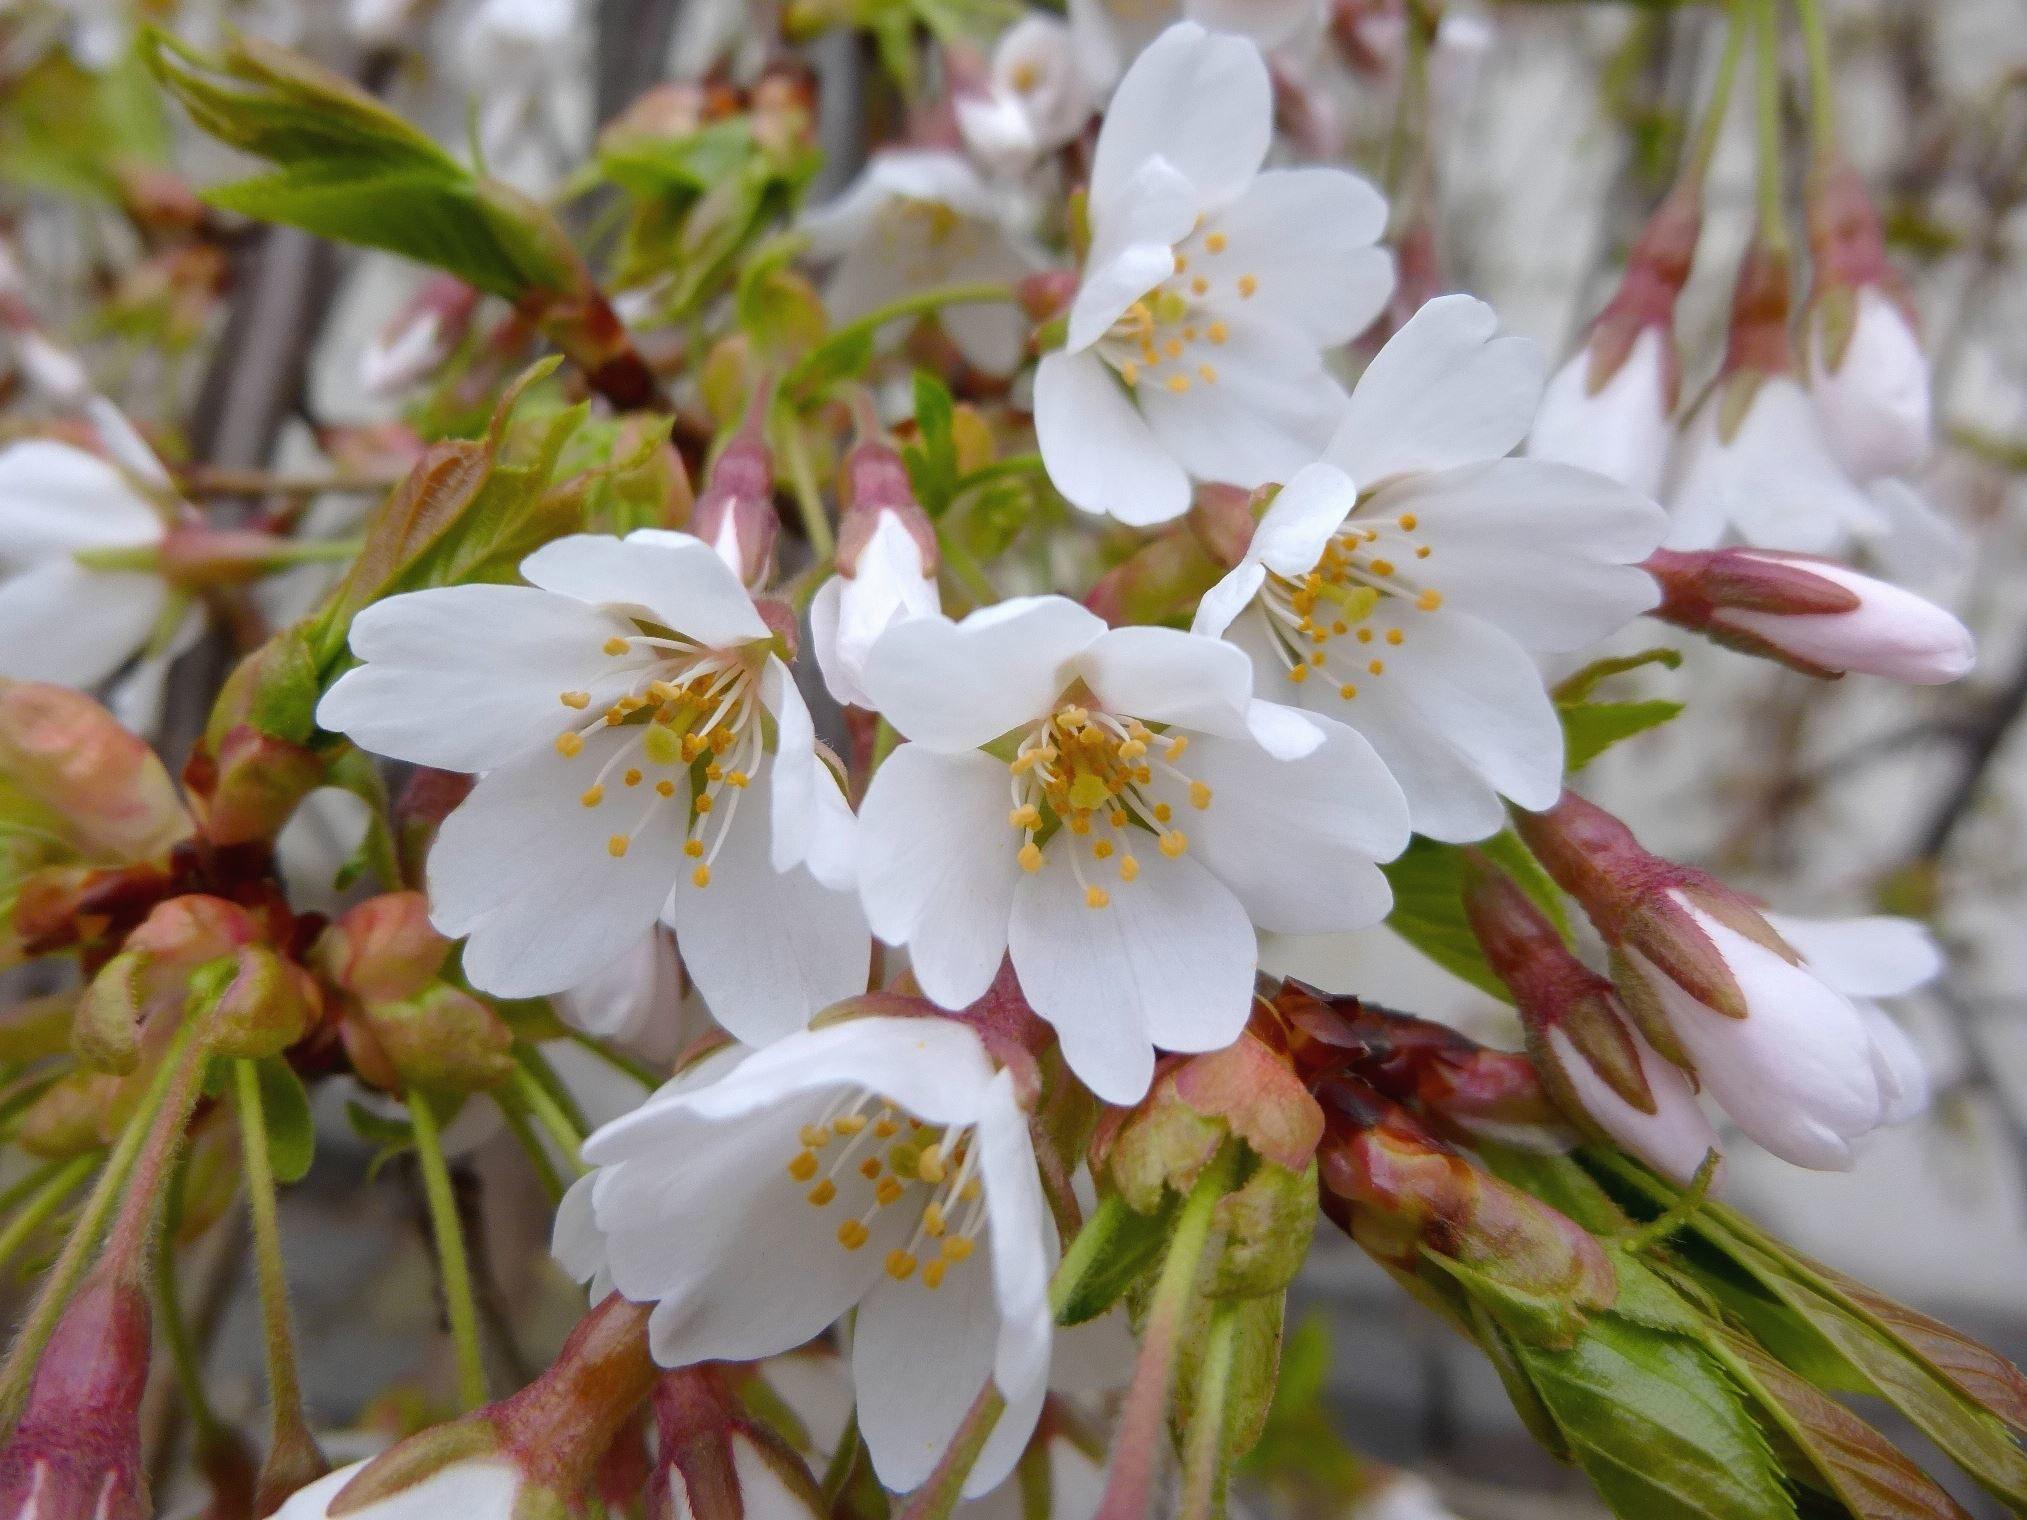 ücretsiz Resim Ercik çiçek Doğa Bahçe çiçek Açan Yaprakları Bahar